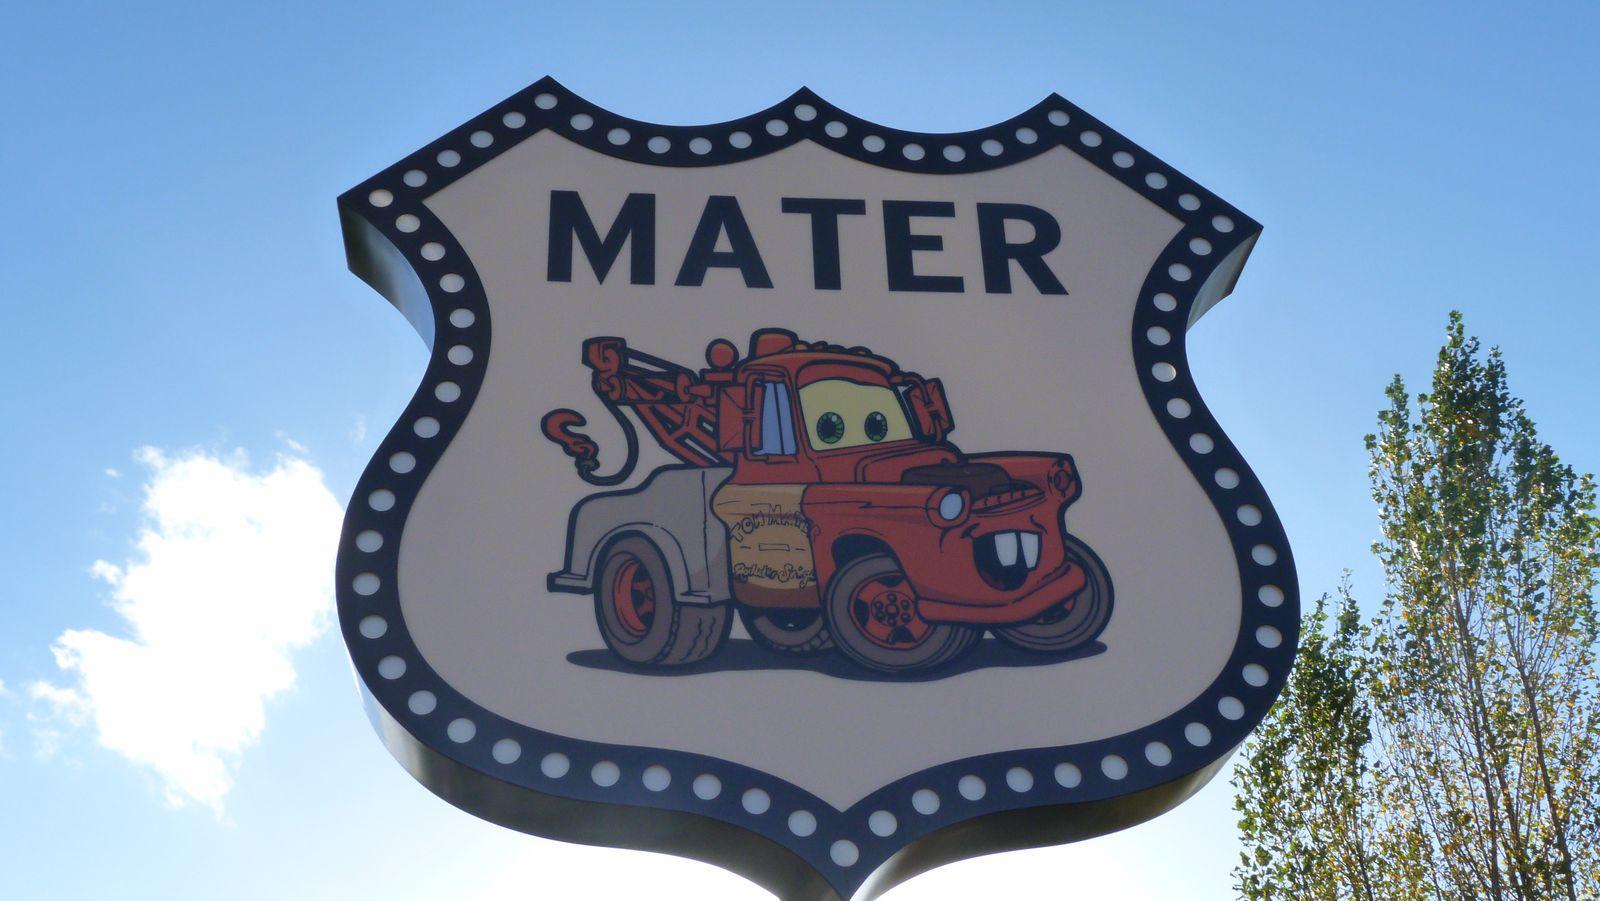 Le Disney's Hotel Santa Fé rénové sur le thème de Cars - Quatre Roues : photos page 16 - Page 18 Ob_28331985b8ae1d3adbb892244de9edea_p1300245